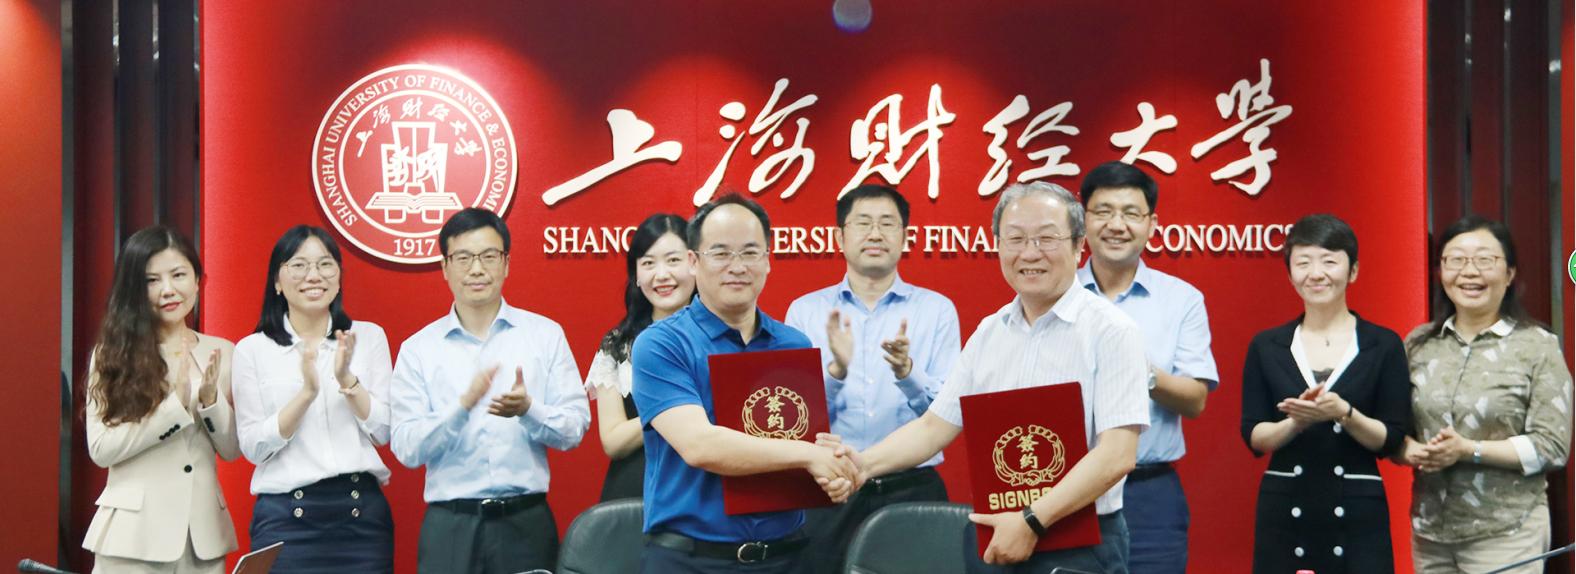 泽稷教育上海财经大学签约